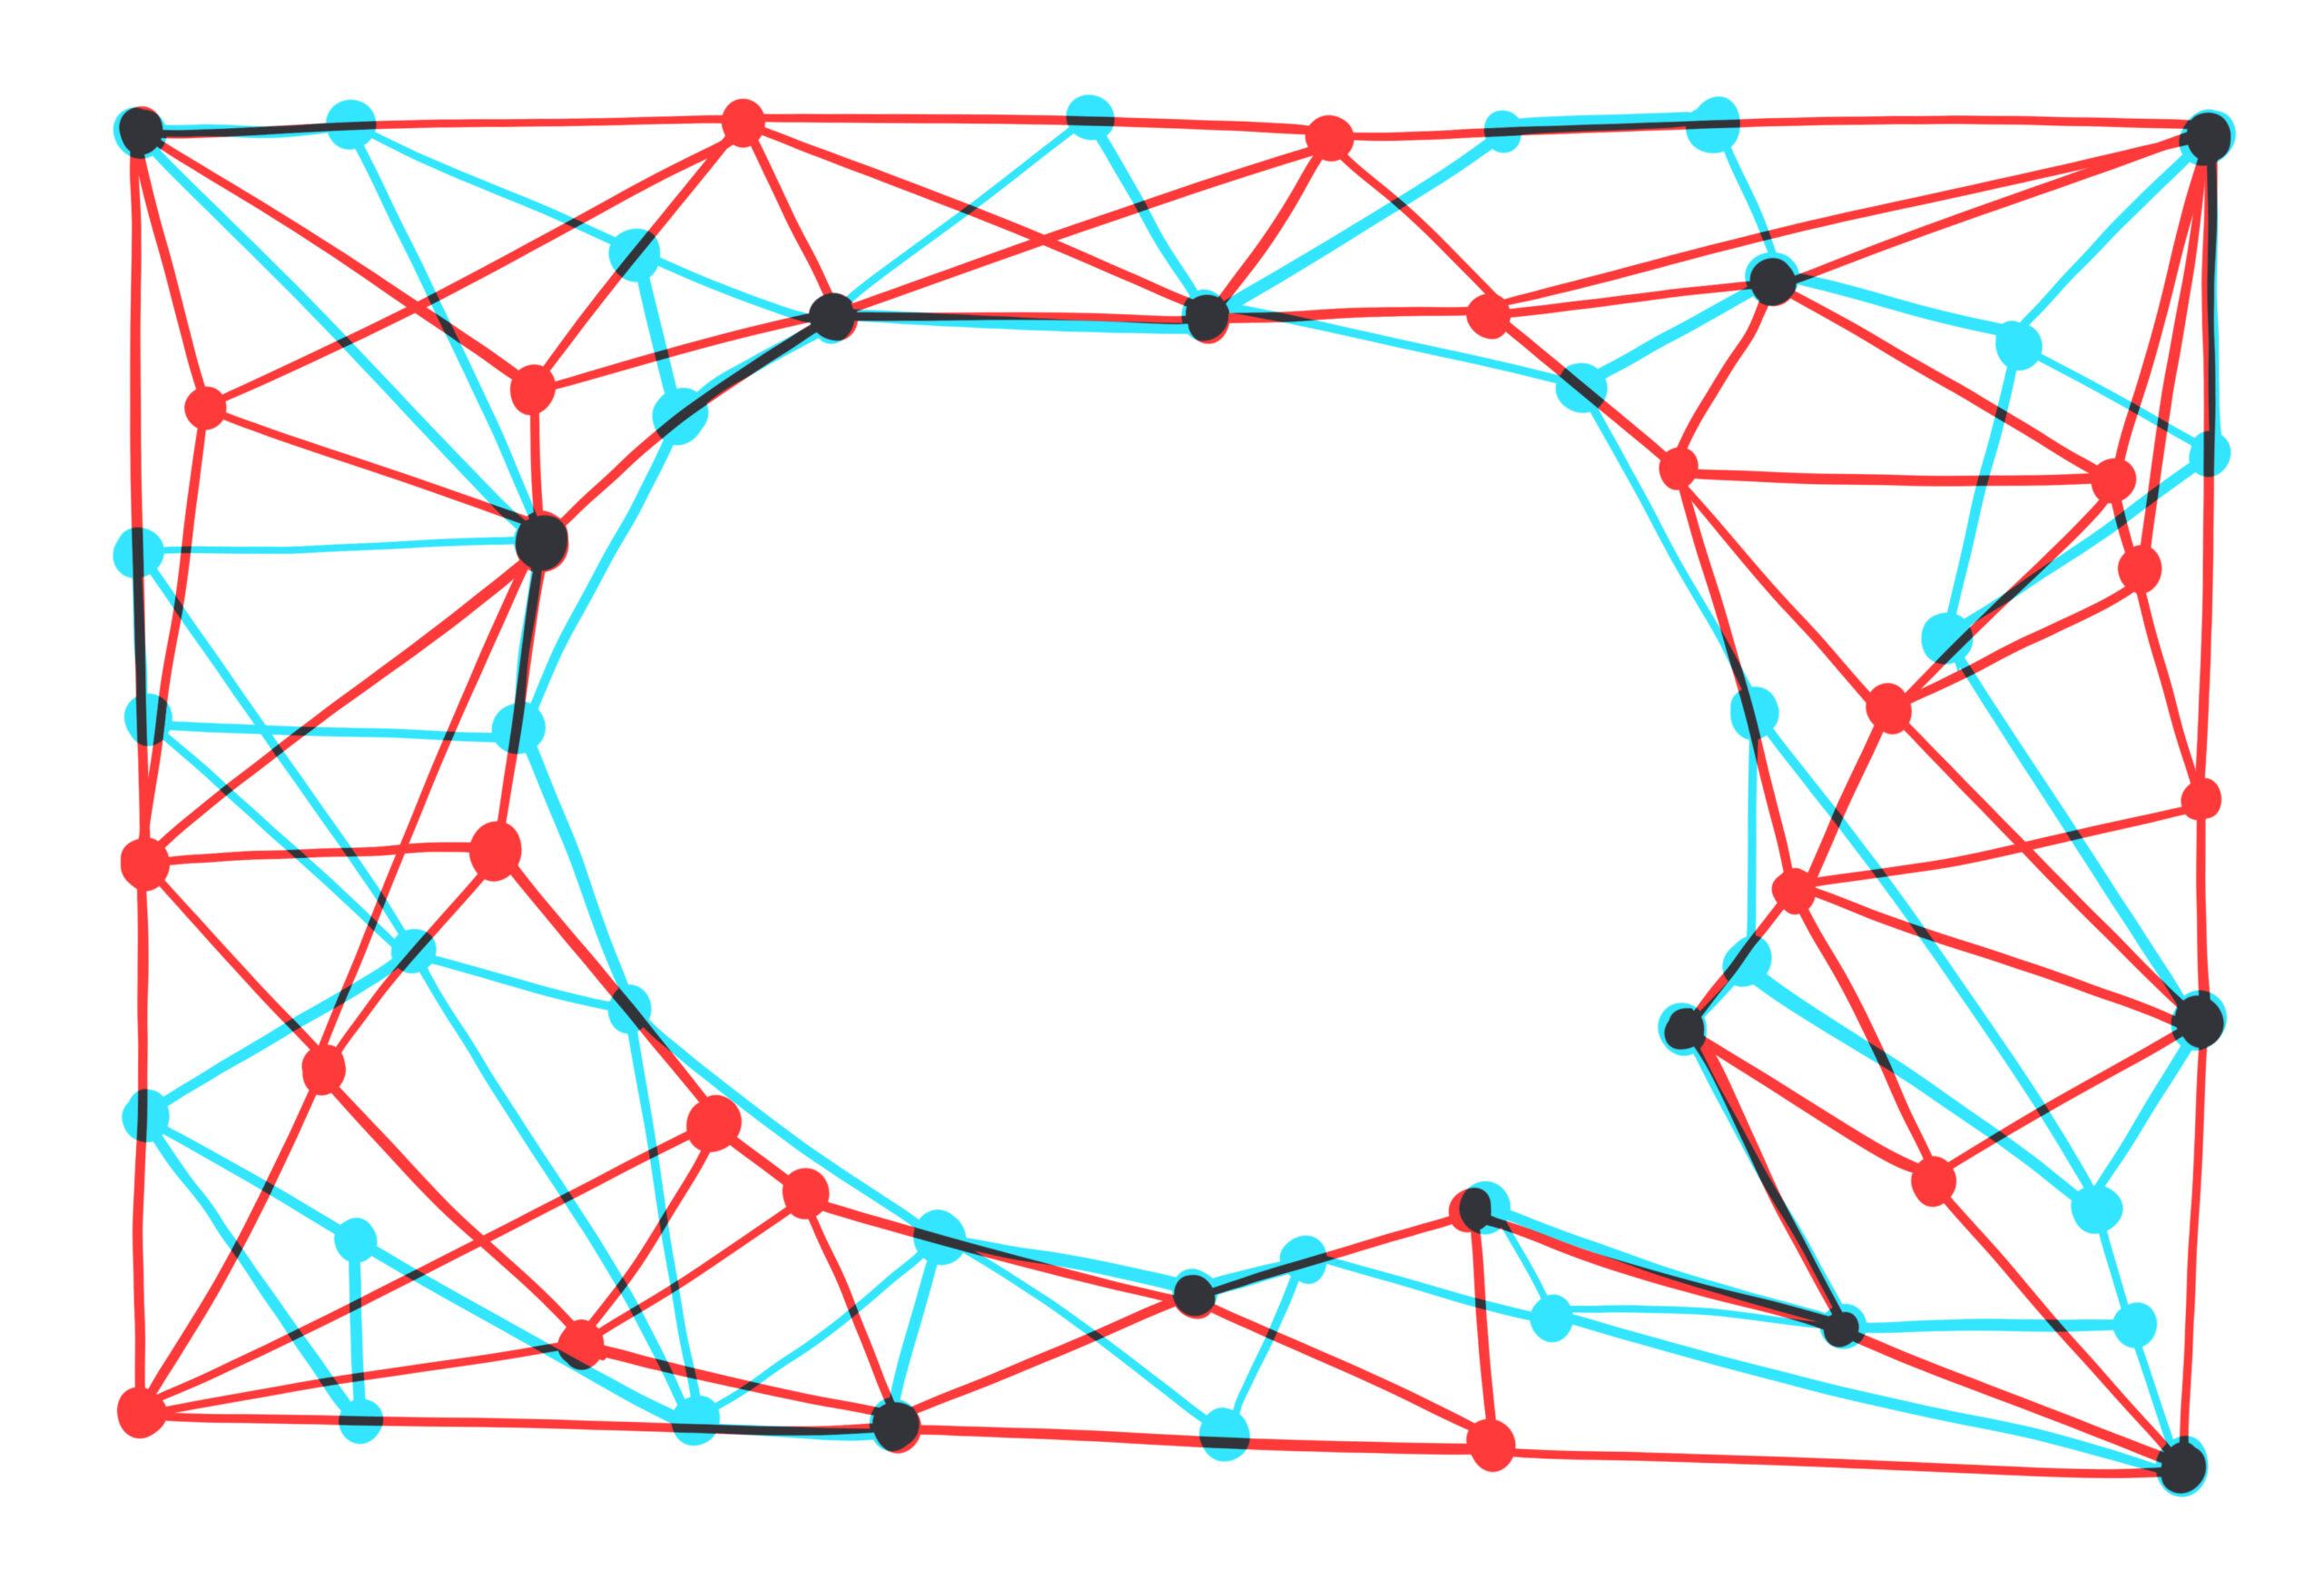 通过通信网络形成的讲话泡泡